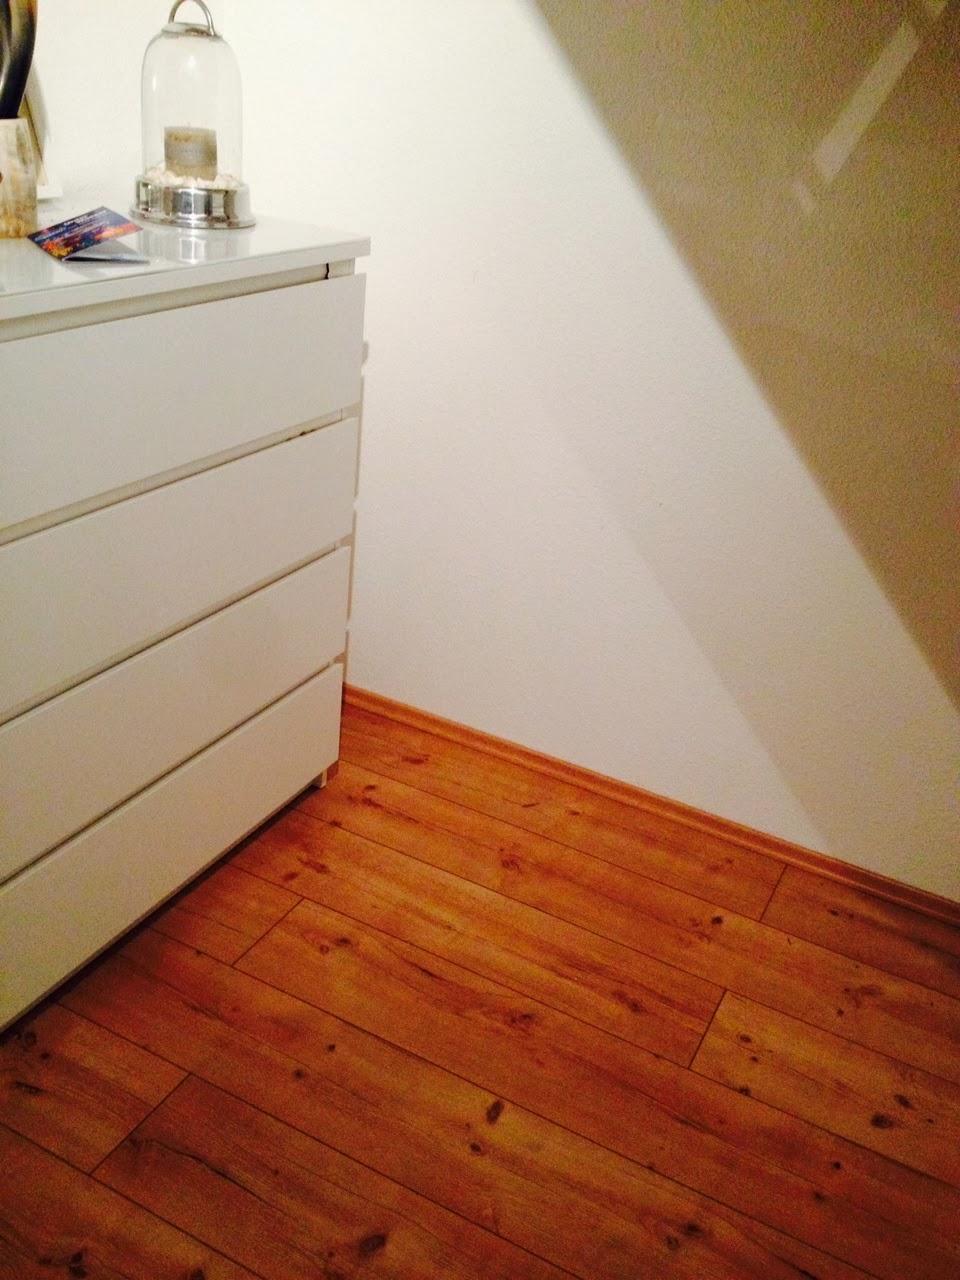 vinylboden auf laminat verlegen elegant with vinylboden. Black Bedroom Furniture Sets. Home Design Ideas